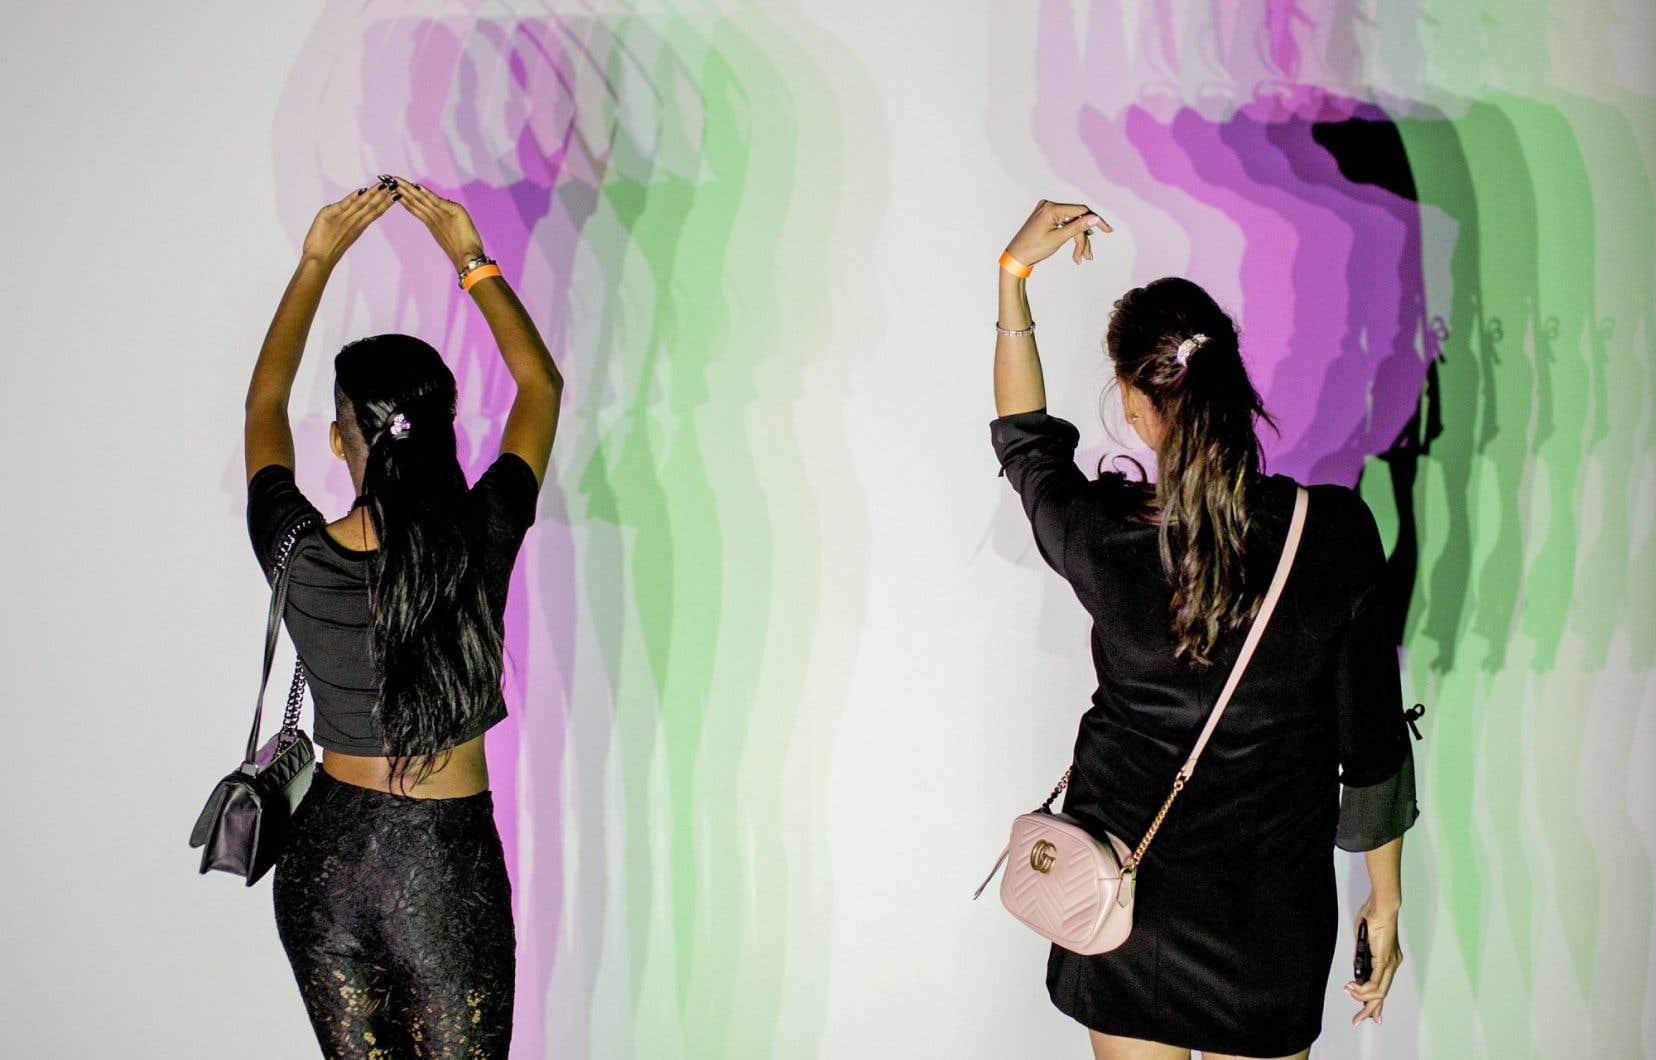 Les silhouettes des visiteurs de l'exposition d'Olafur Eliasson donnent vie à son œuvre «Maison des ombres» (2010).